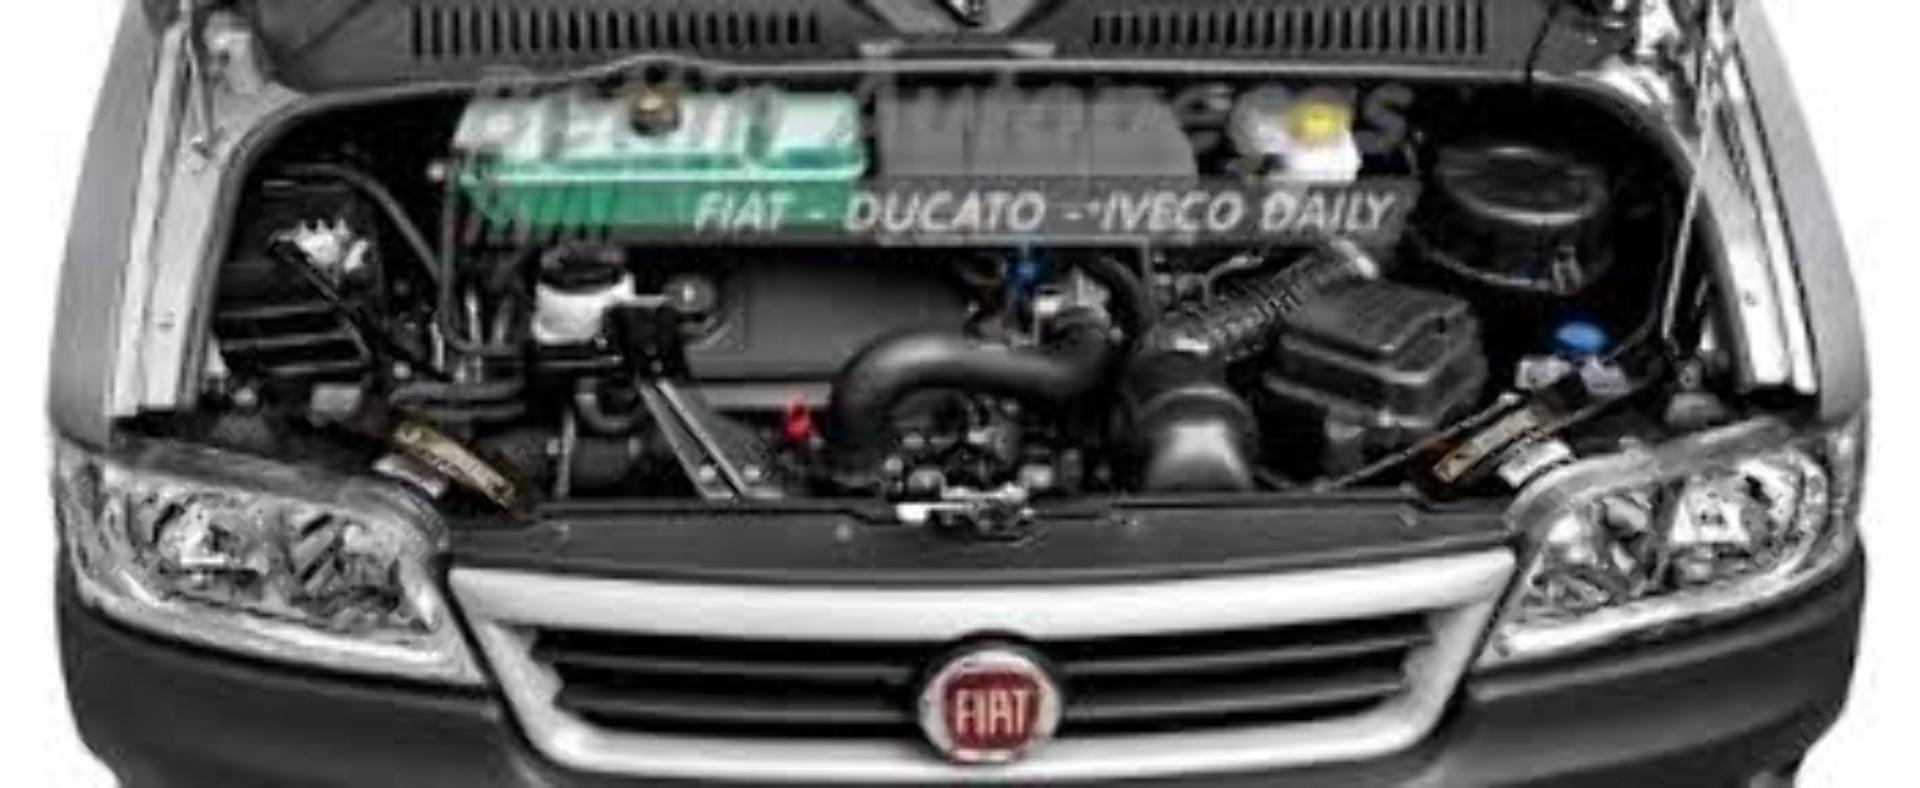 FIAT RECONHECE VICIO NO MOTOR DA DUCATO